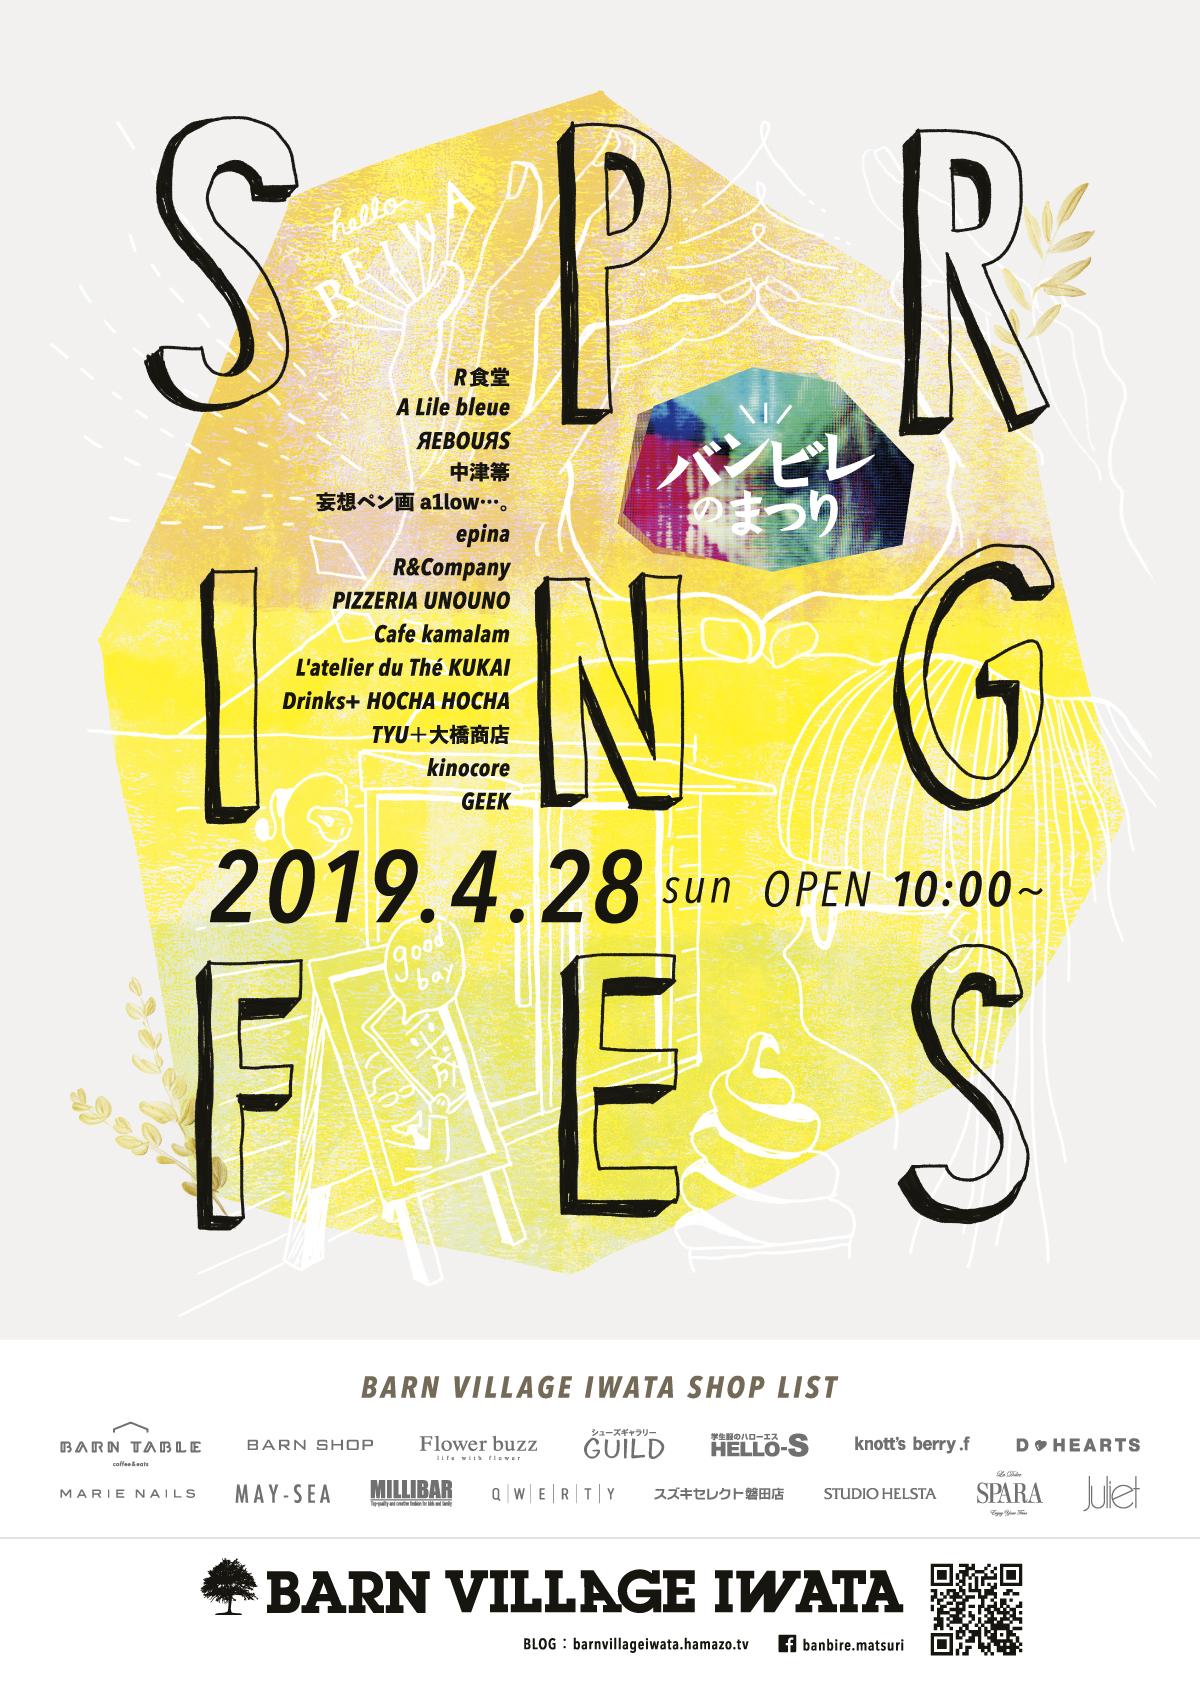 バンビレのまつり2019 Spring Fes ポスター